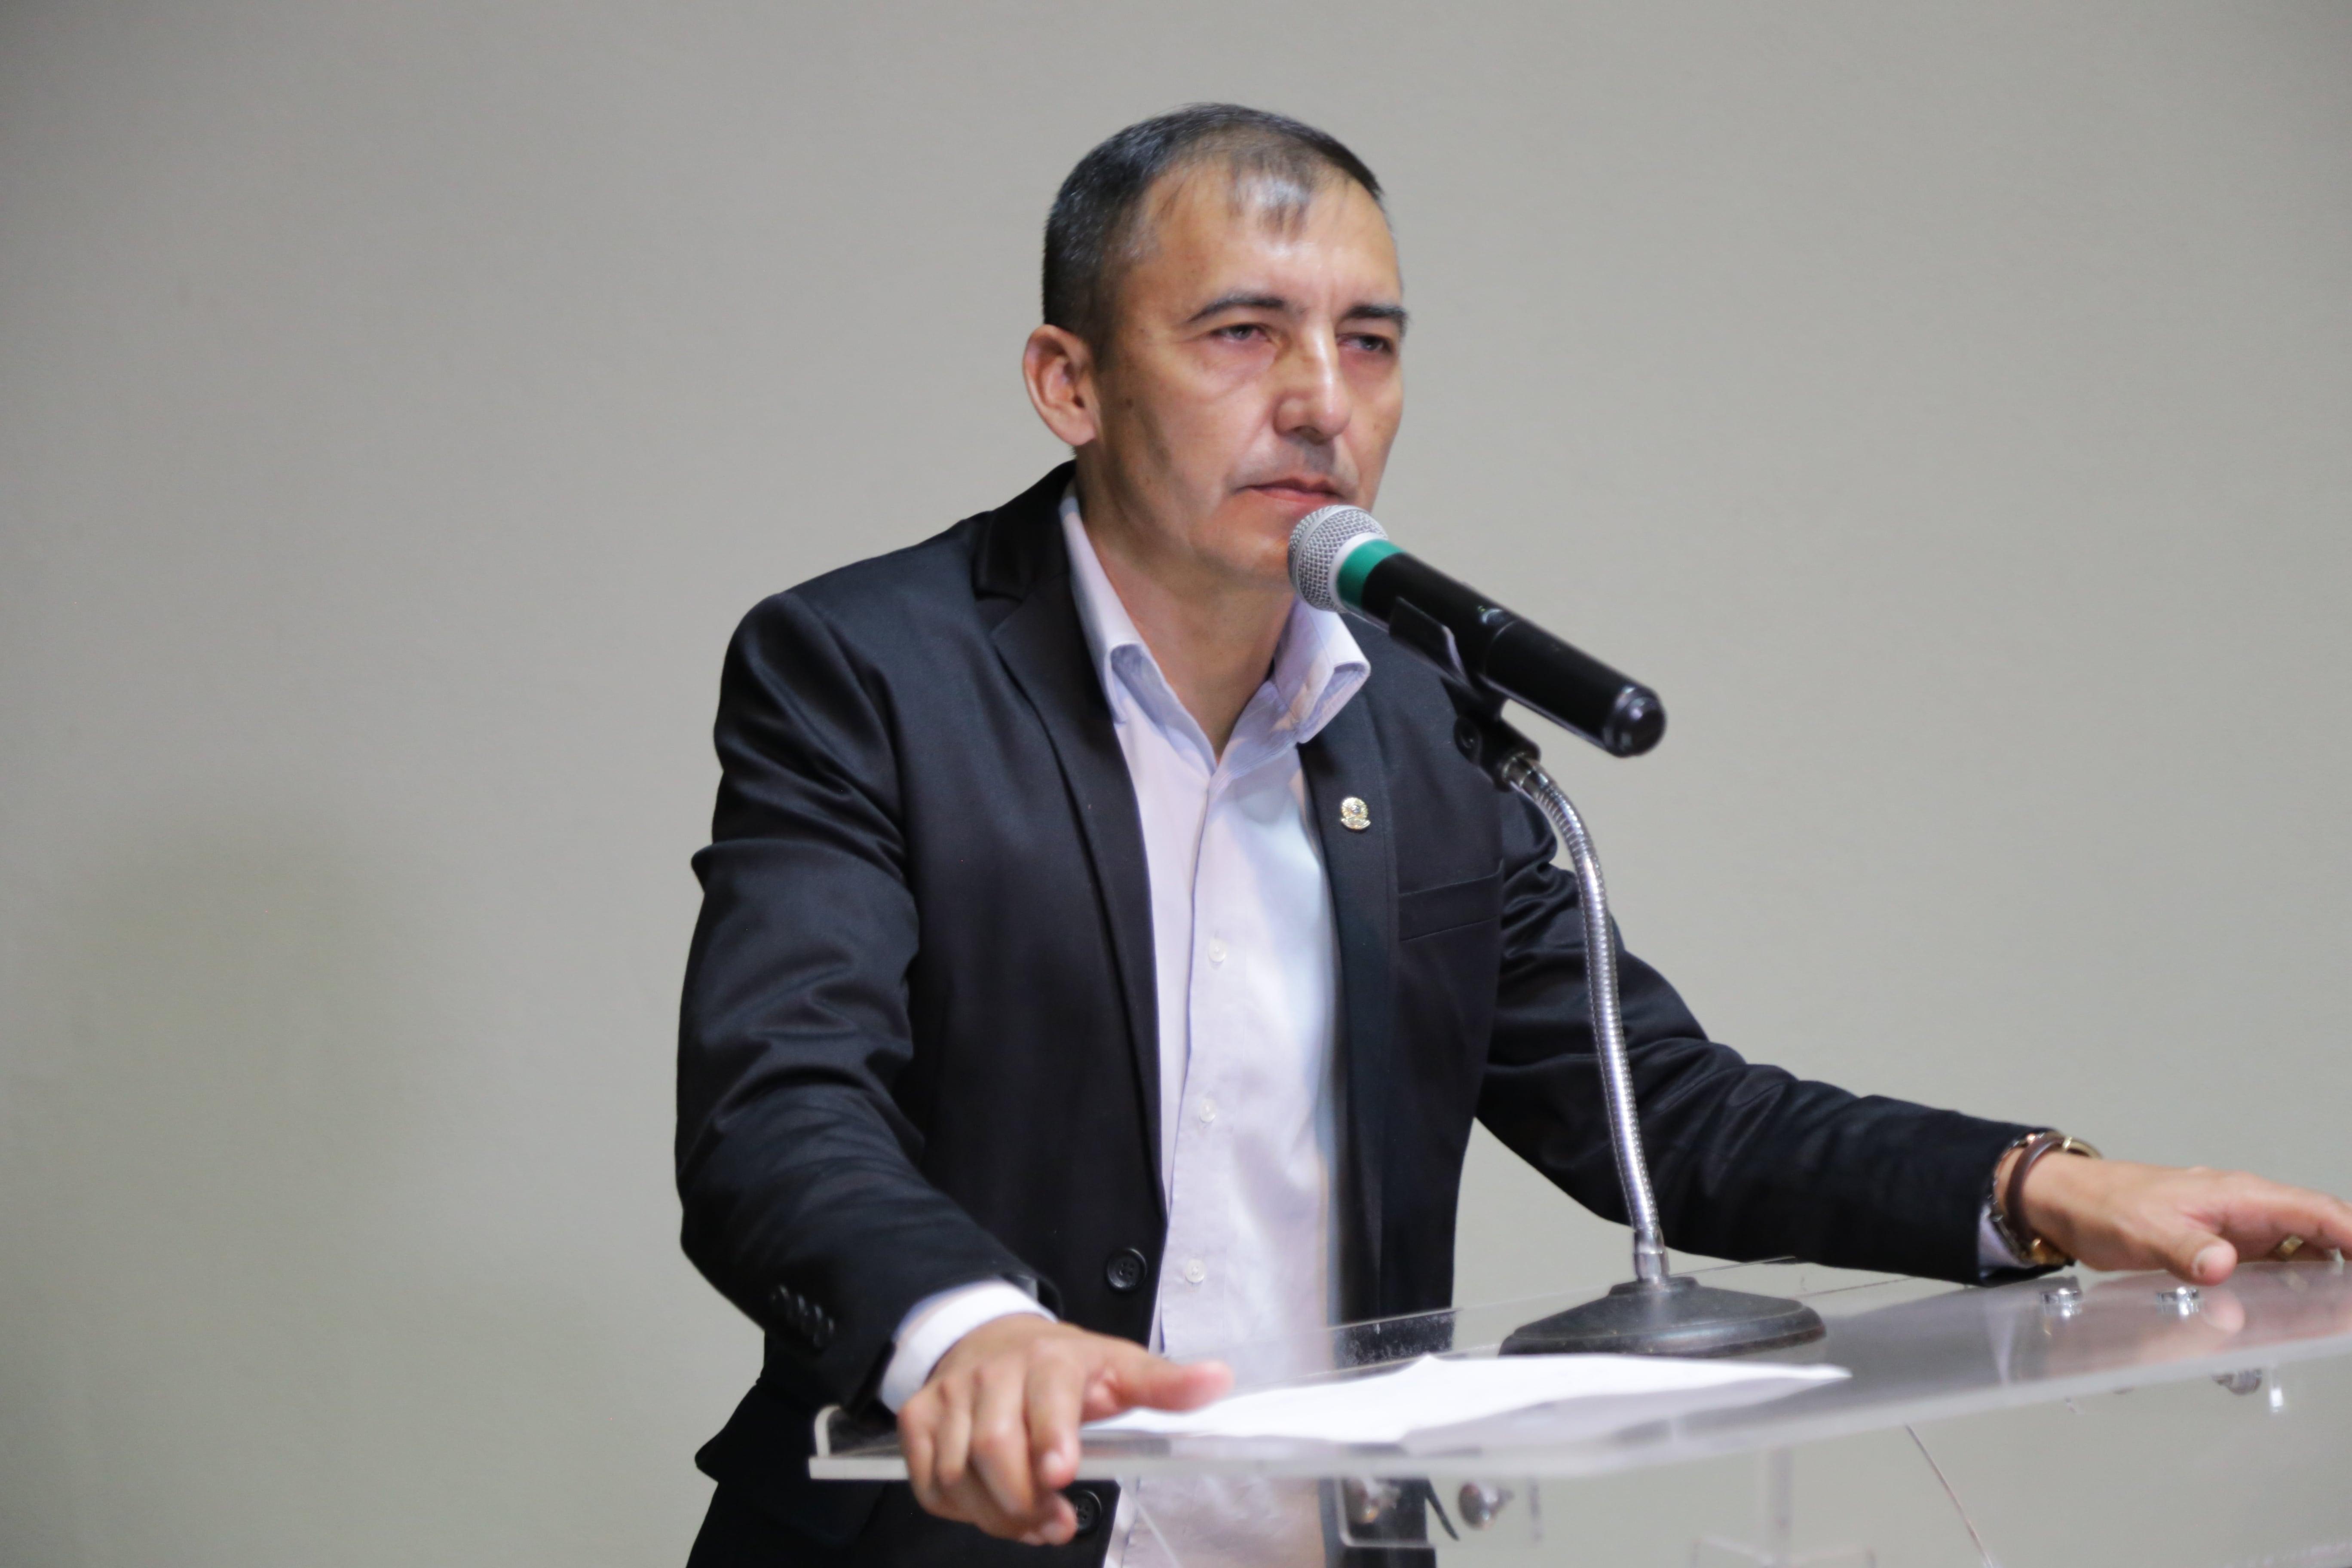 Edevaldo Mattoso Barbosa reitera pedido de construção de Academia da Saúde na Mooca